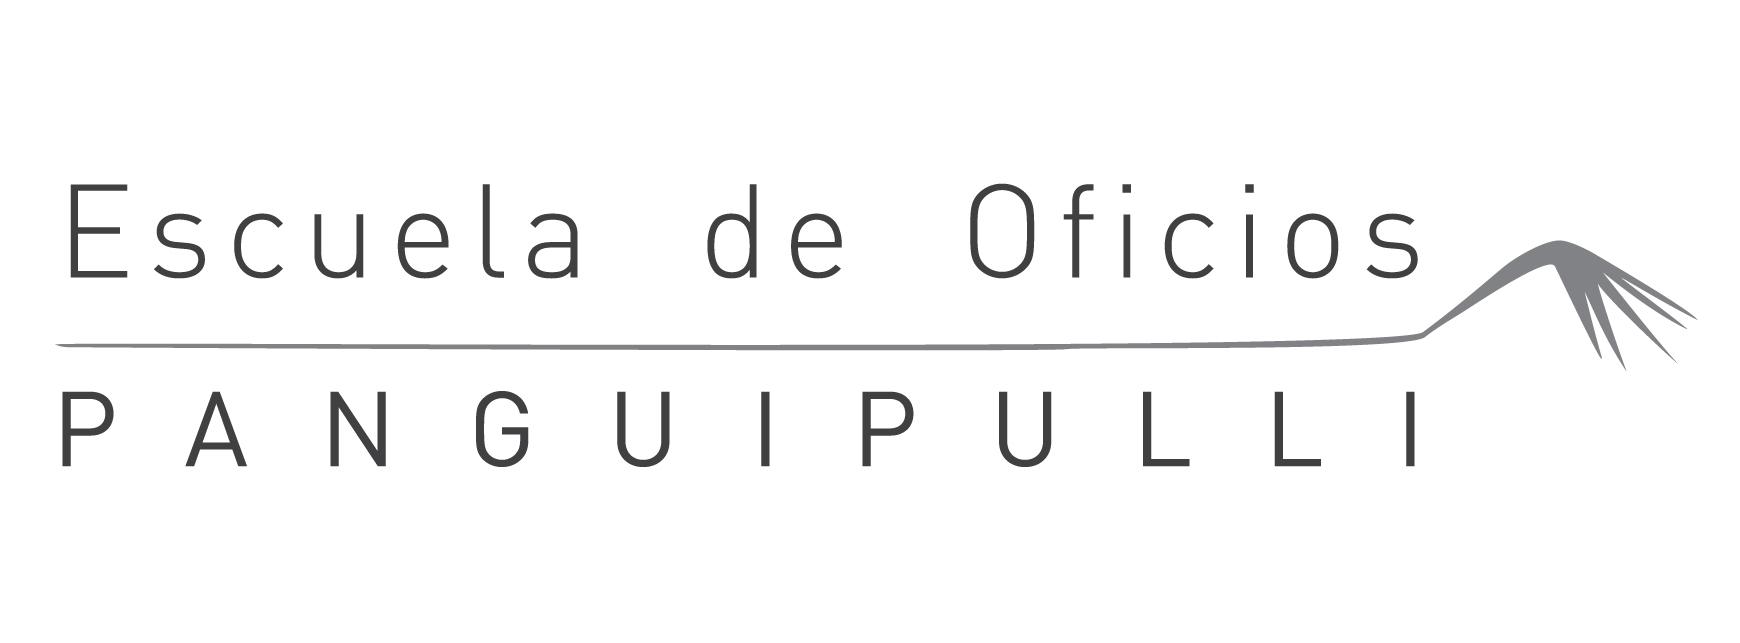 Oficios Panguipulli